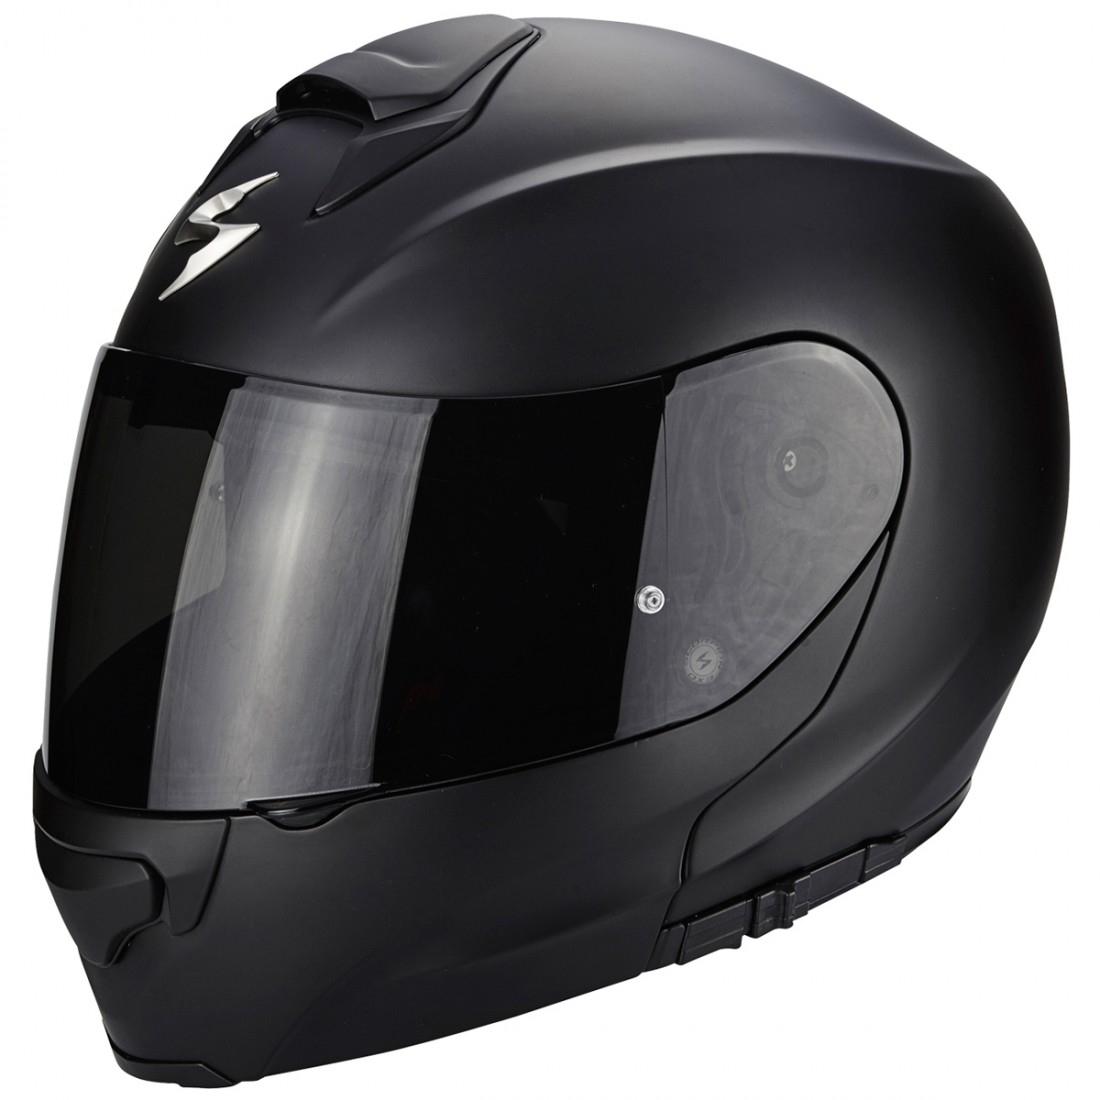 ffec94d7 SCORPION Exo-3000 Air Matt Black Helmet · Motocard